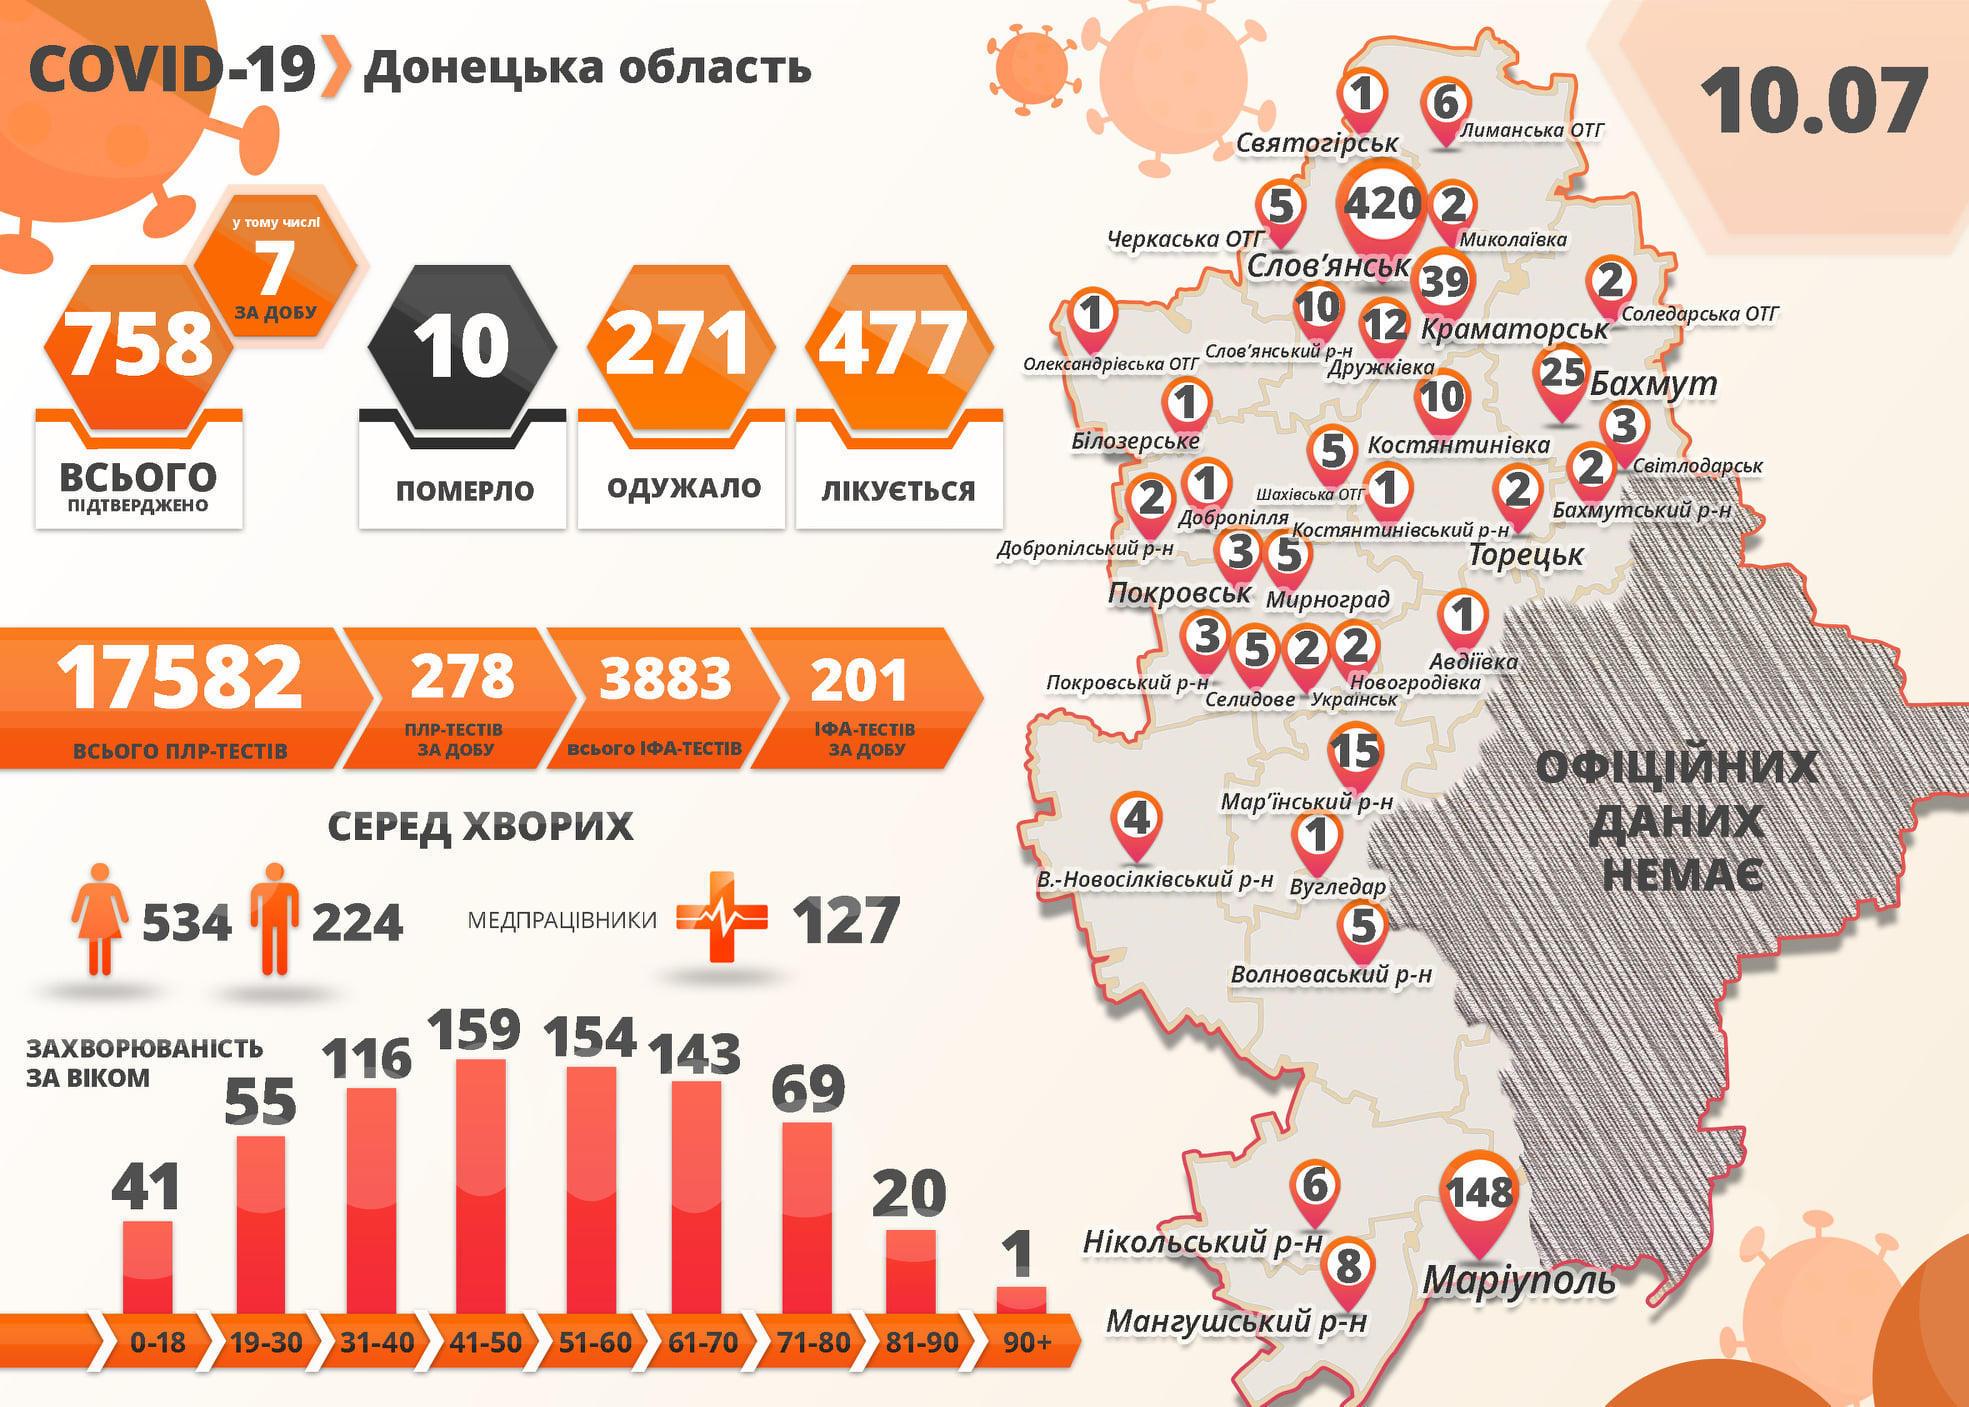 COVID-19 в Украине: из 800 новых пациентов 7 – с подконтрольной Донетчины